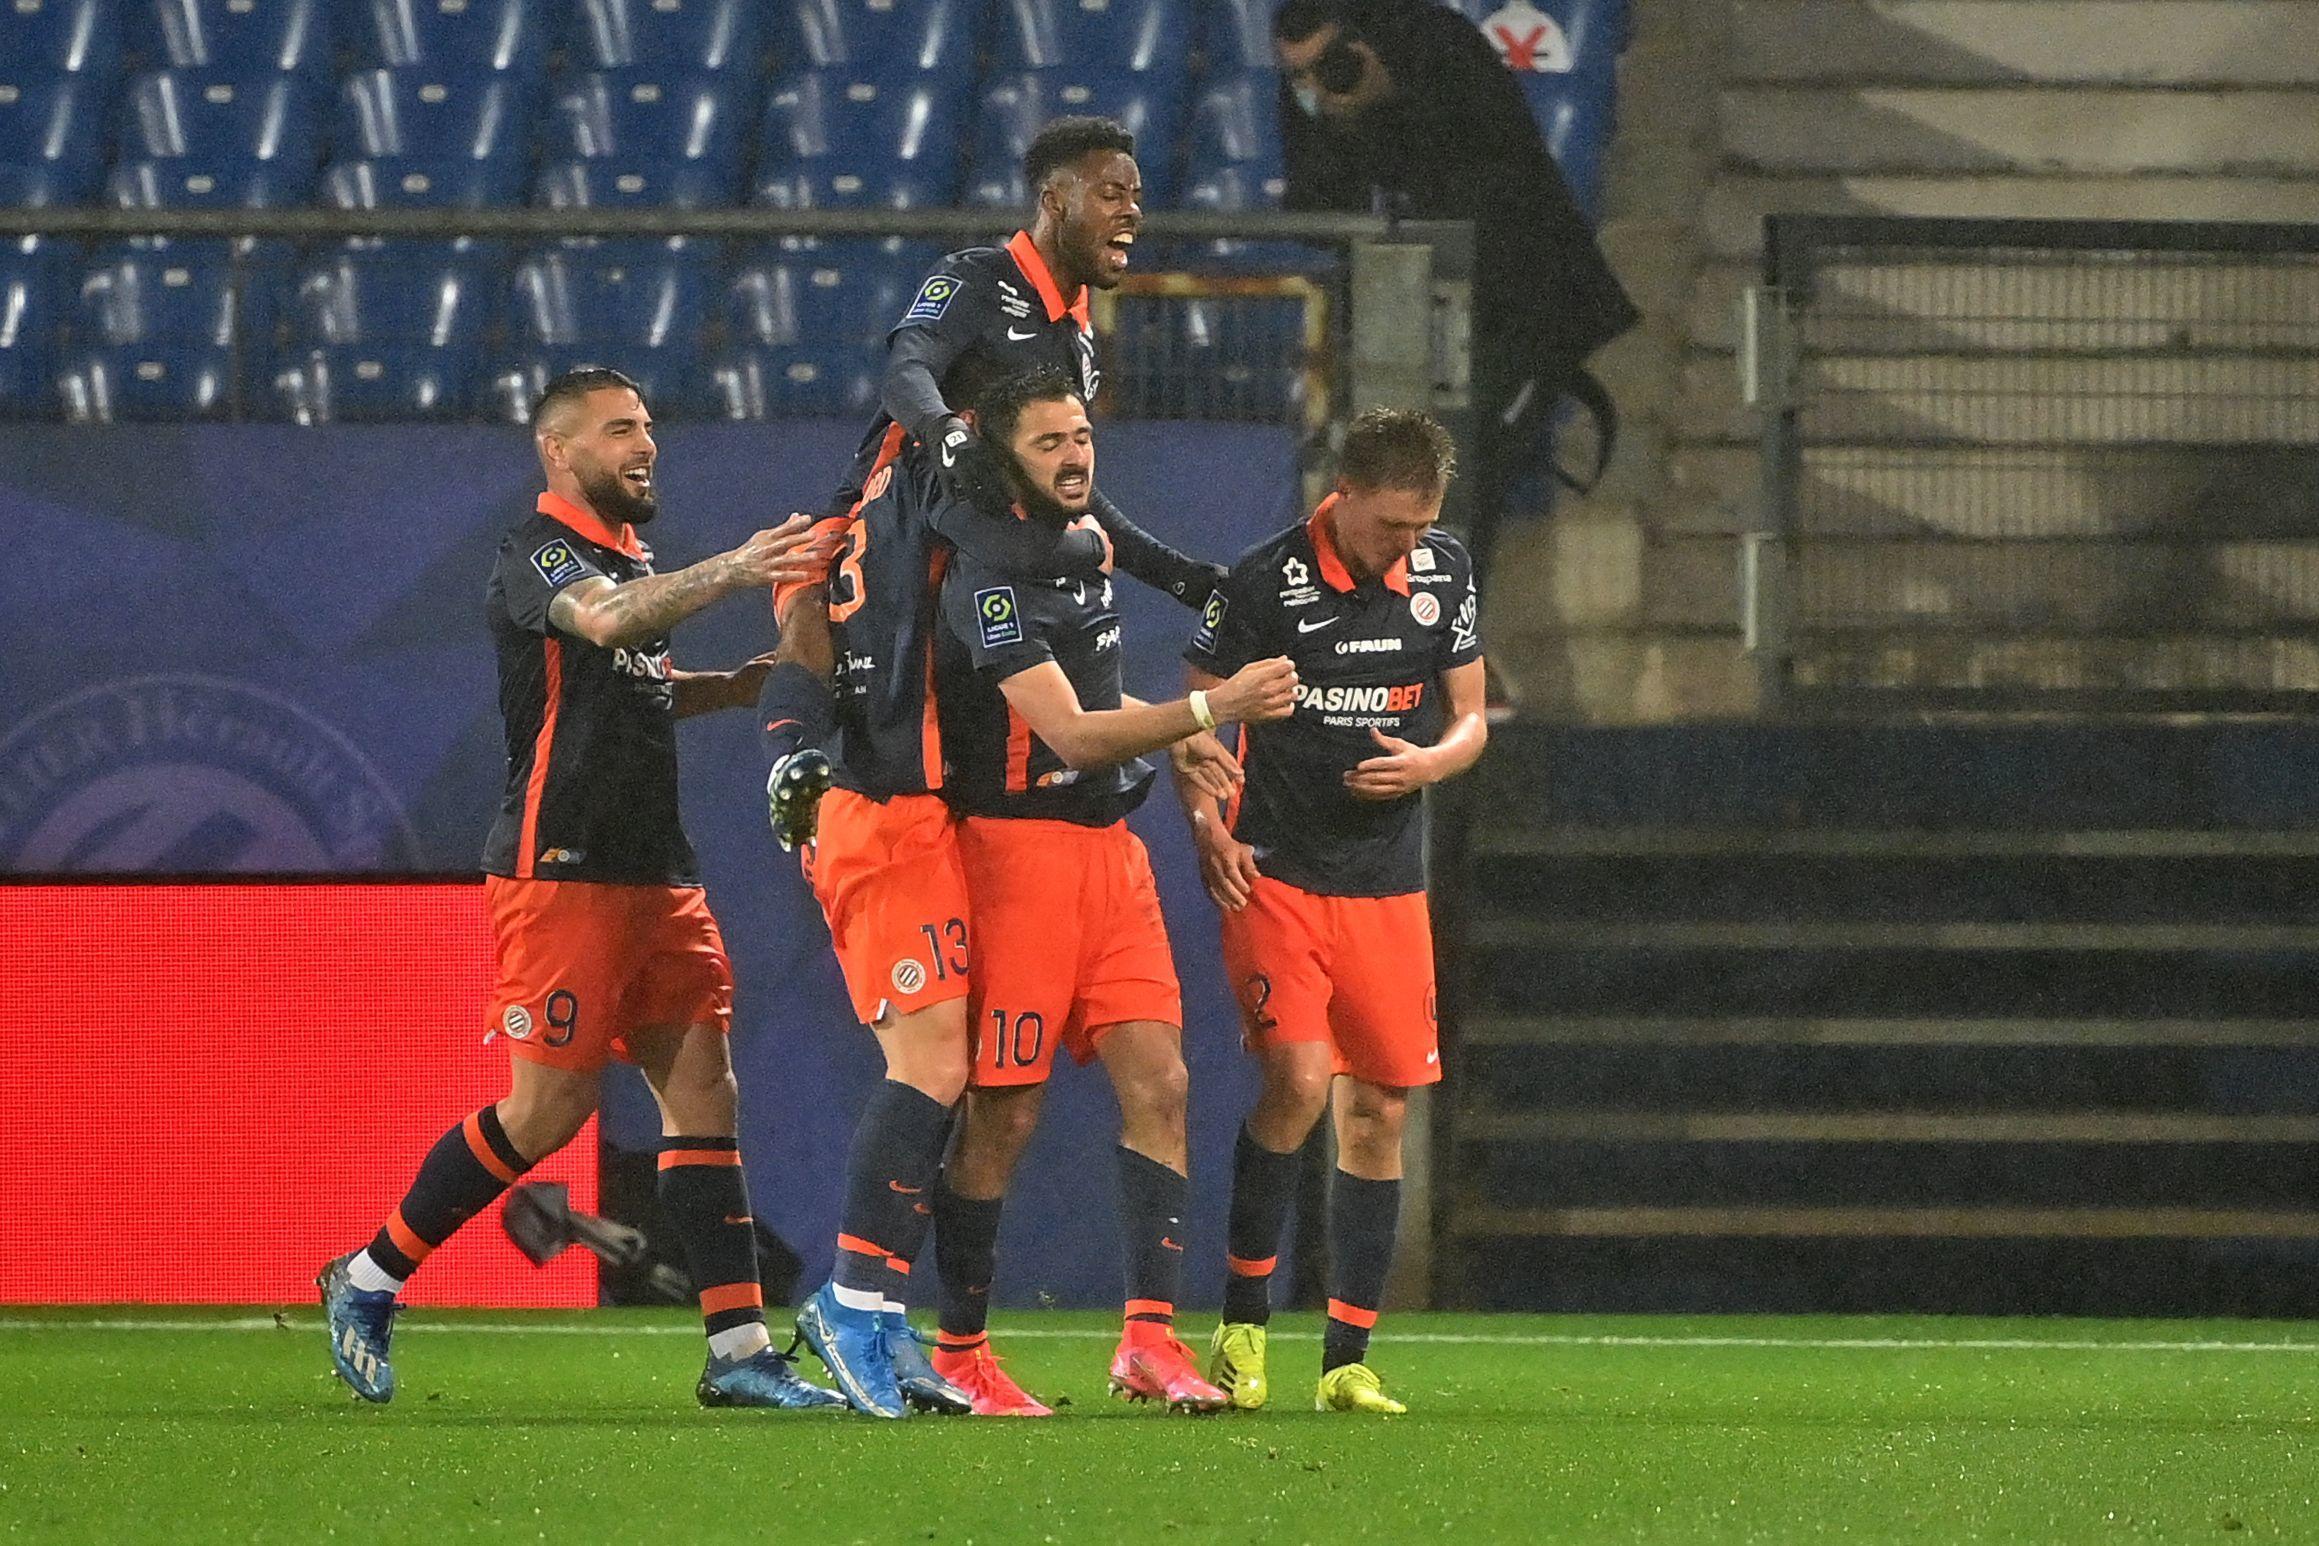 Ligue 1 : Montpellier arrache le nul face à Marseille au terme d'un match fou (3-3)